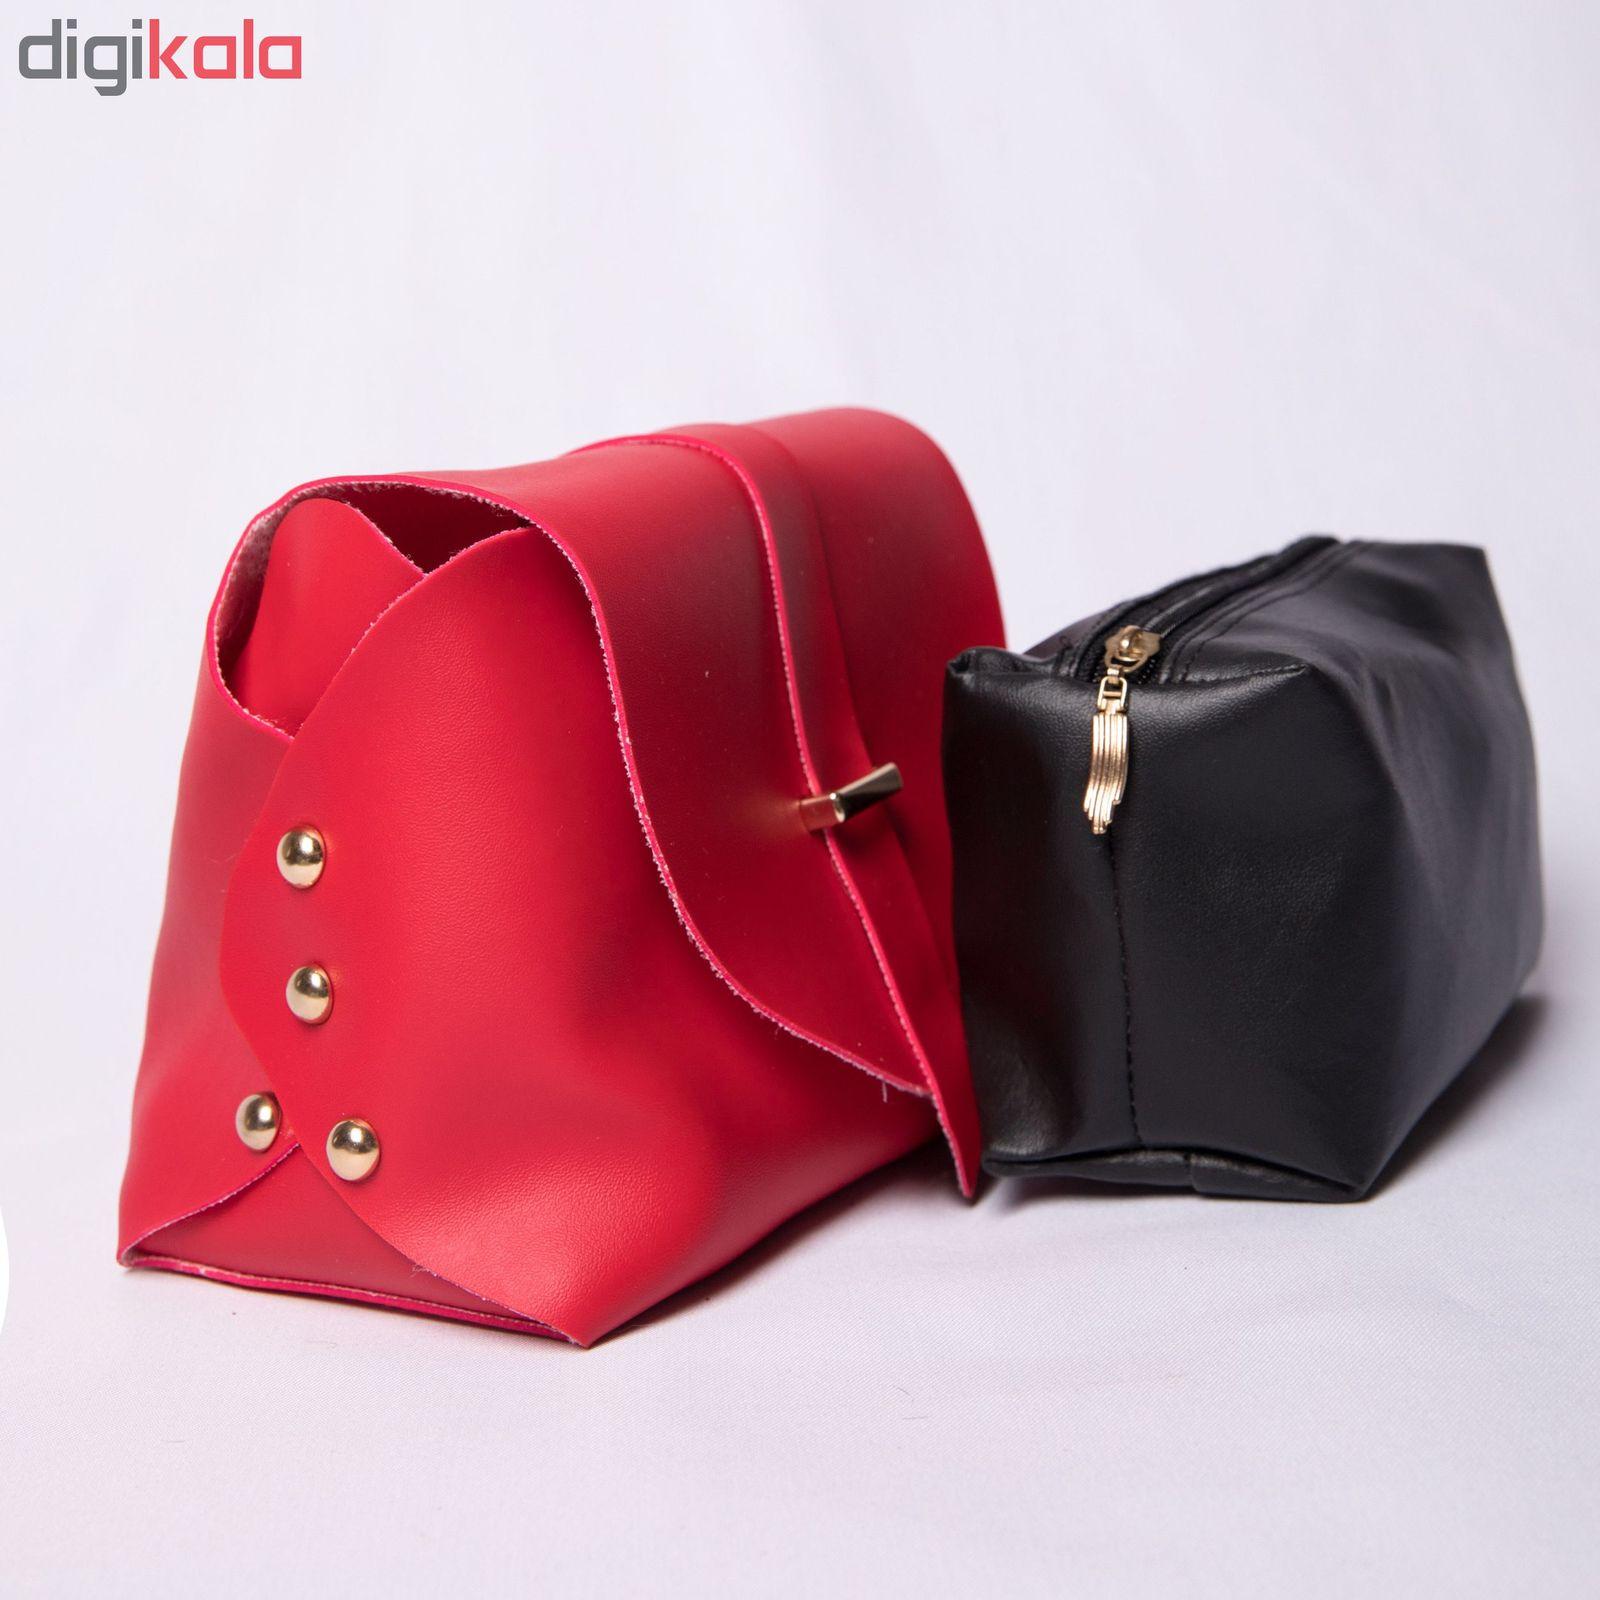 کیف دوشی زنانه مدل روشا main 1 11